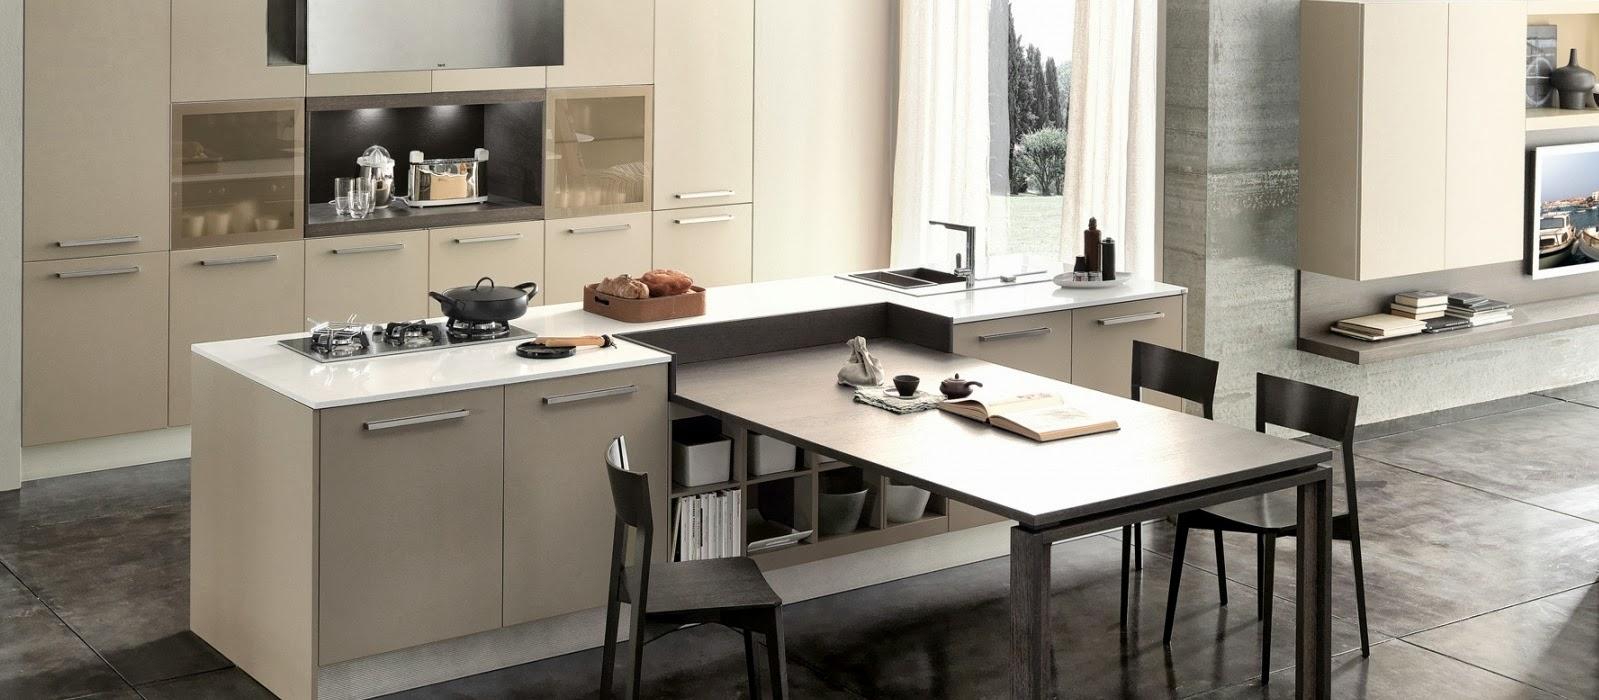 caminar en la cocina despensa ideas de diseño 10 Consejos Que No Se Deben Olvidar Al Reformar La Cocina